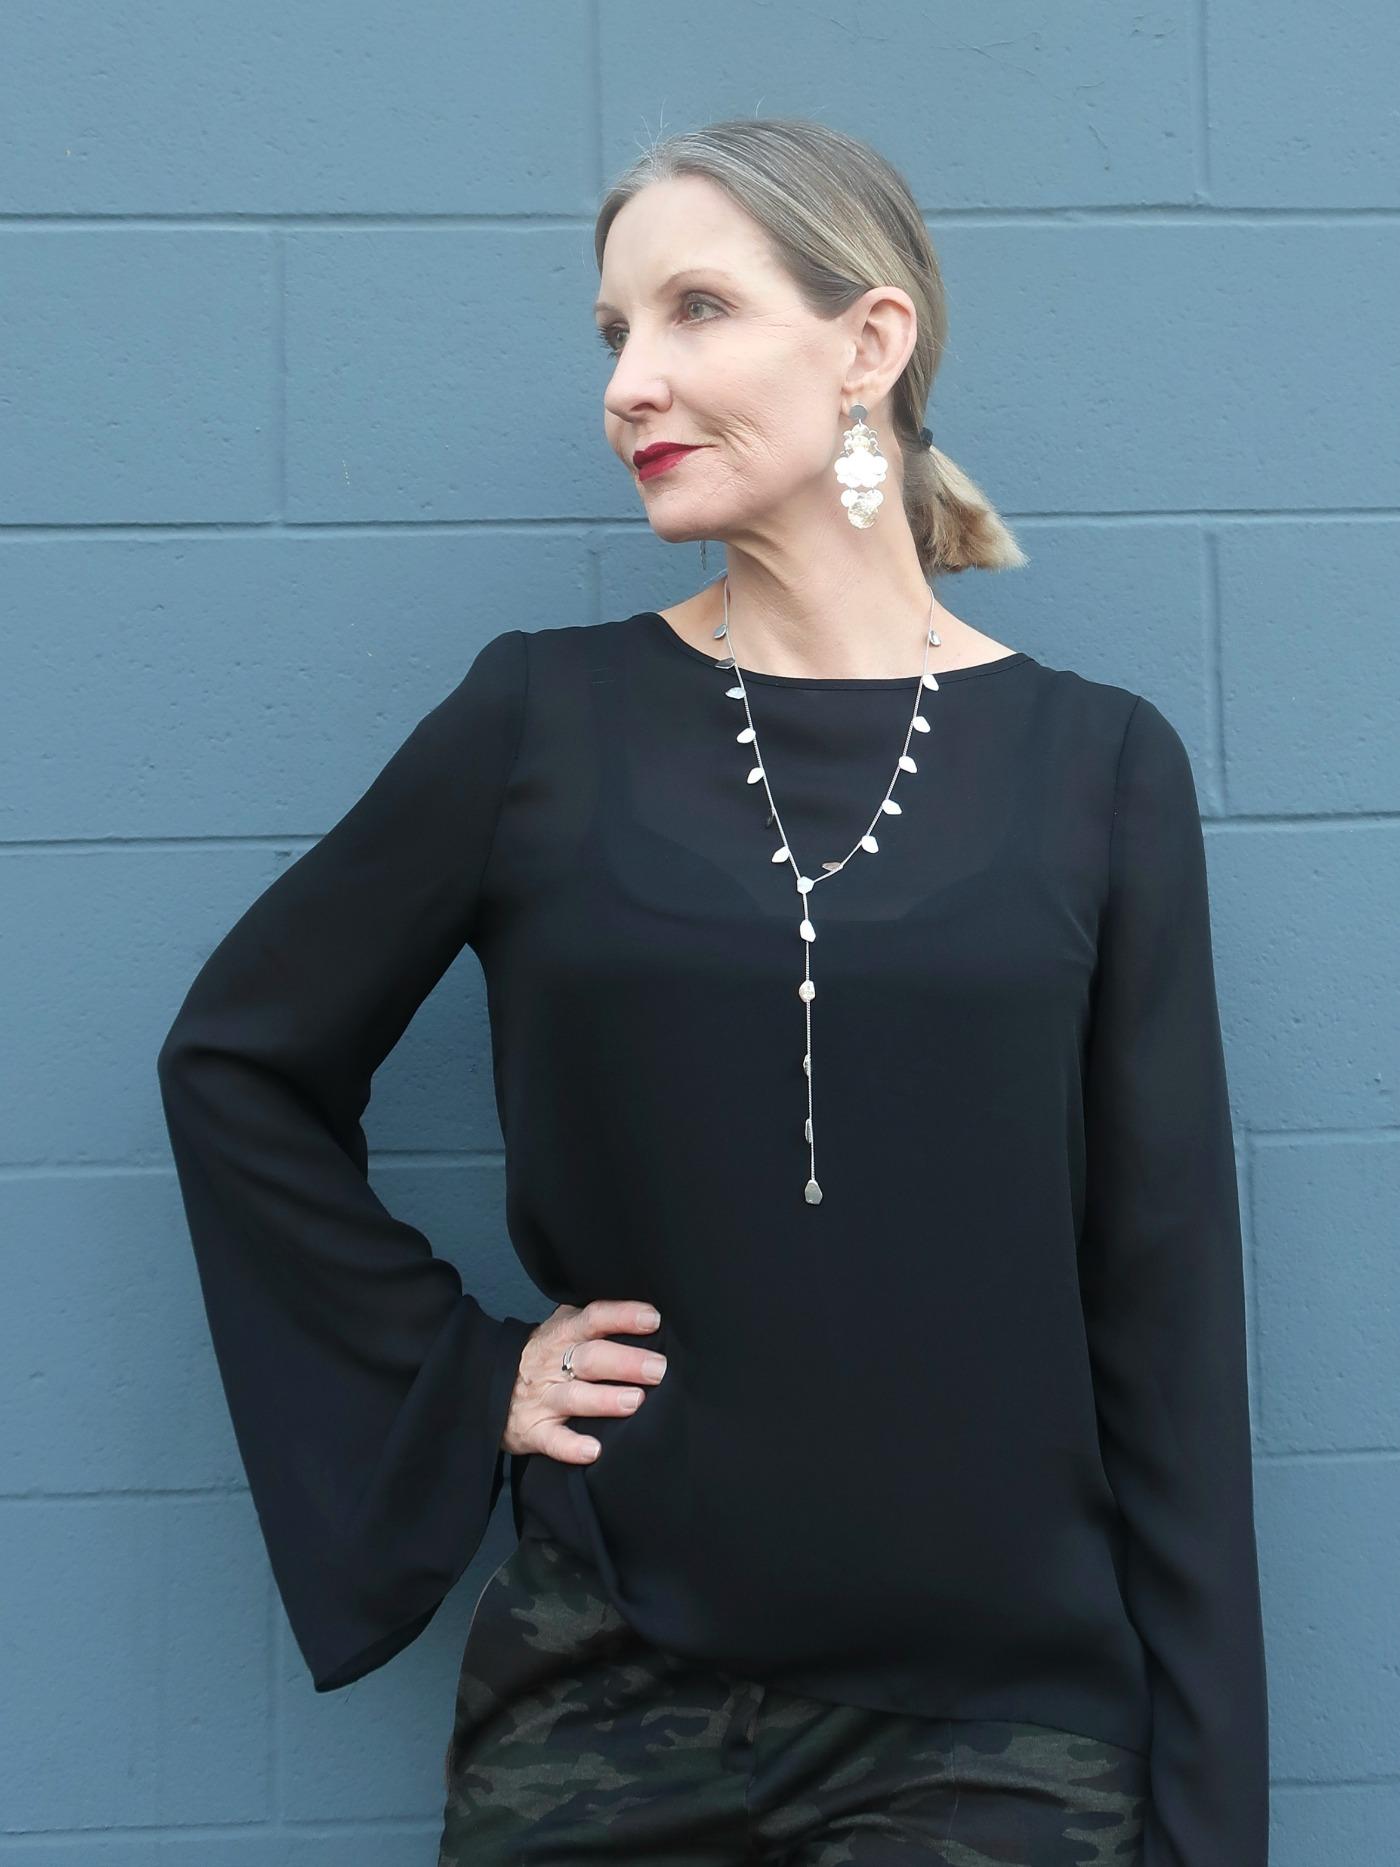 Iwona necklace and Divya earrings